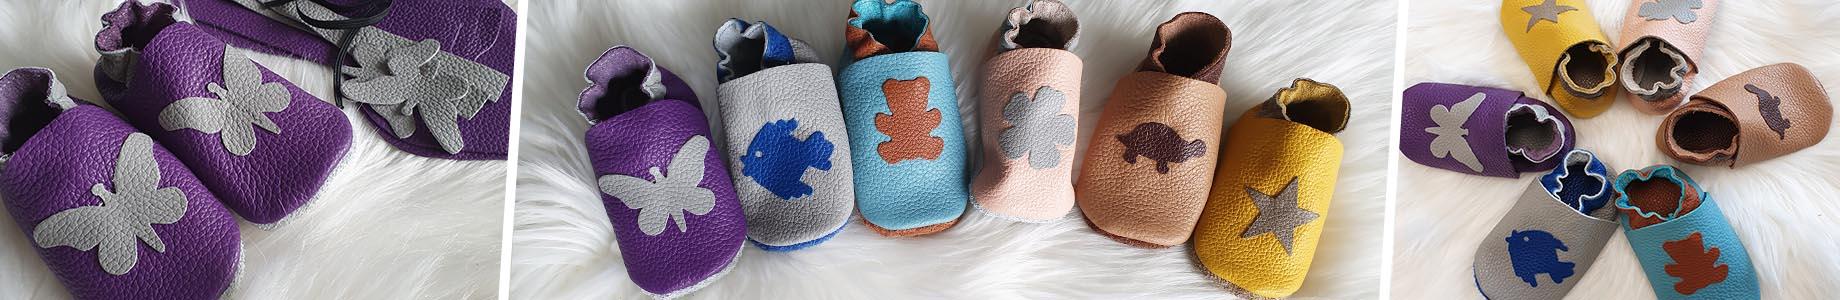 kit chaussons bébé cuir